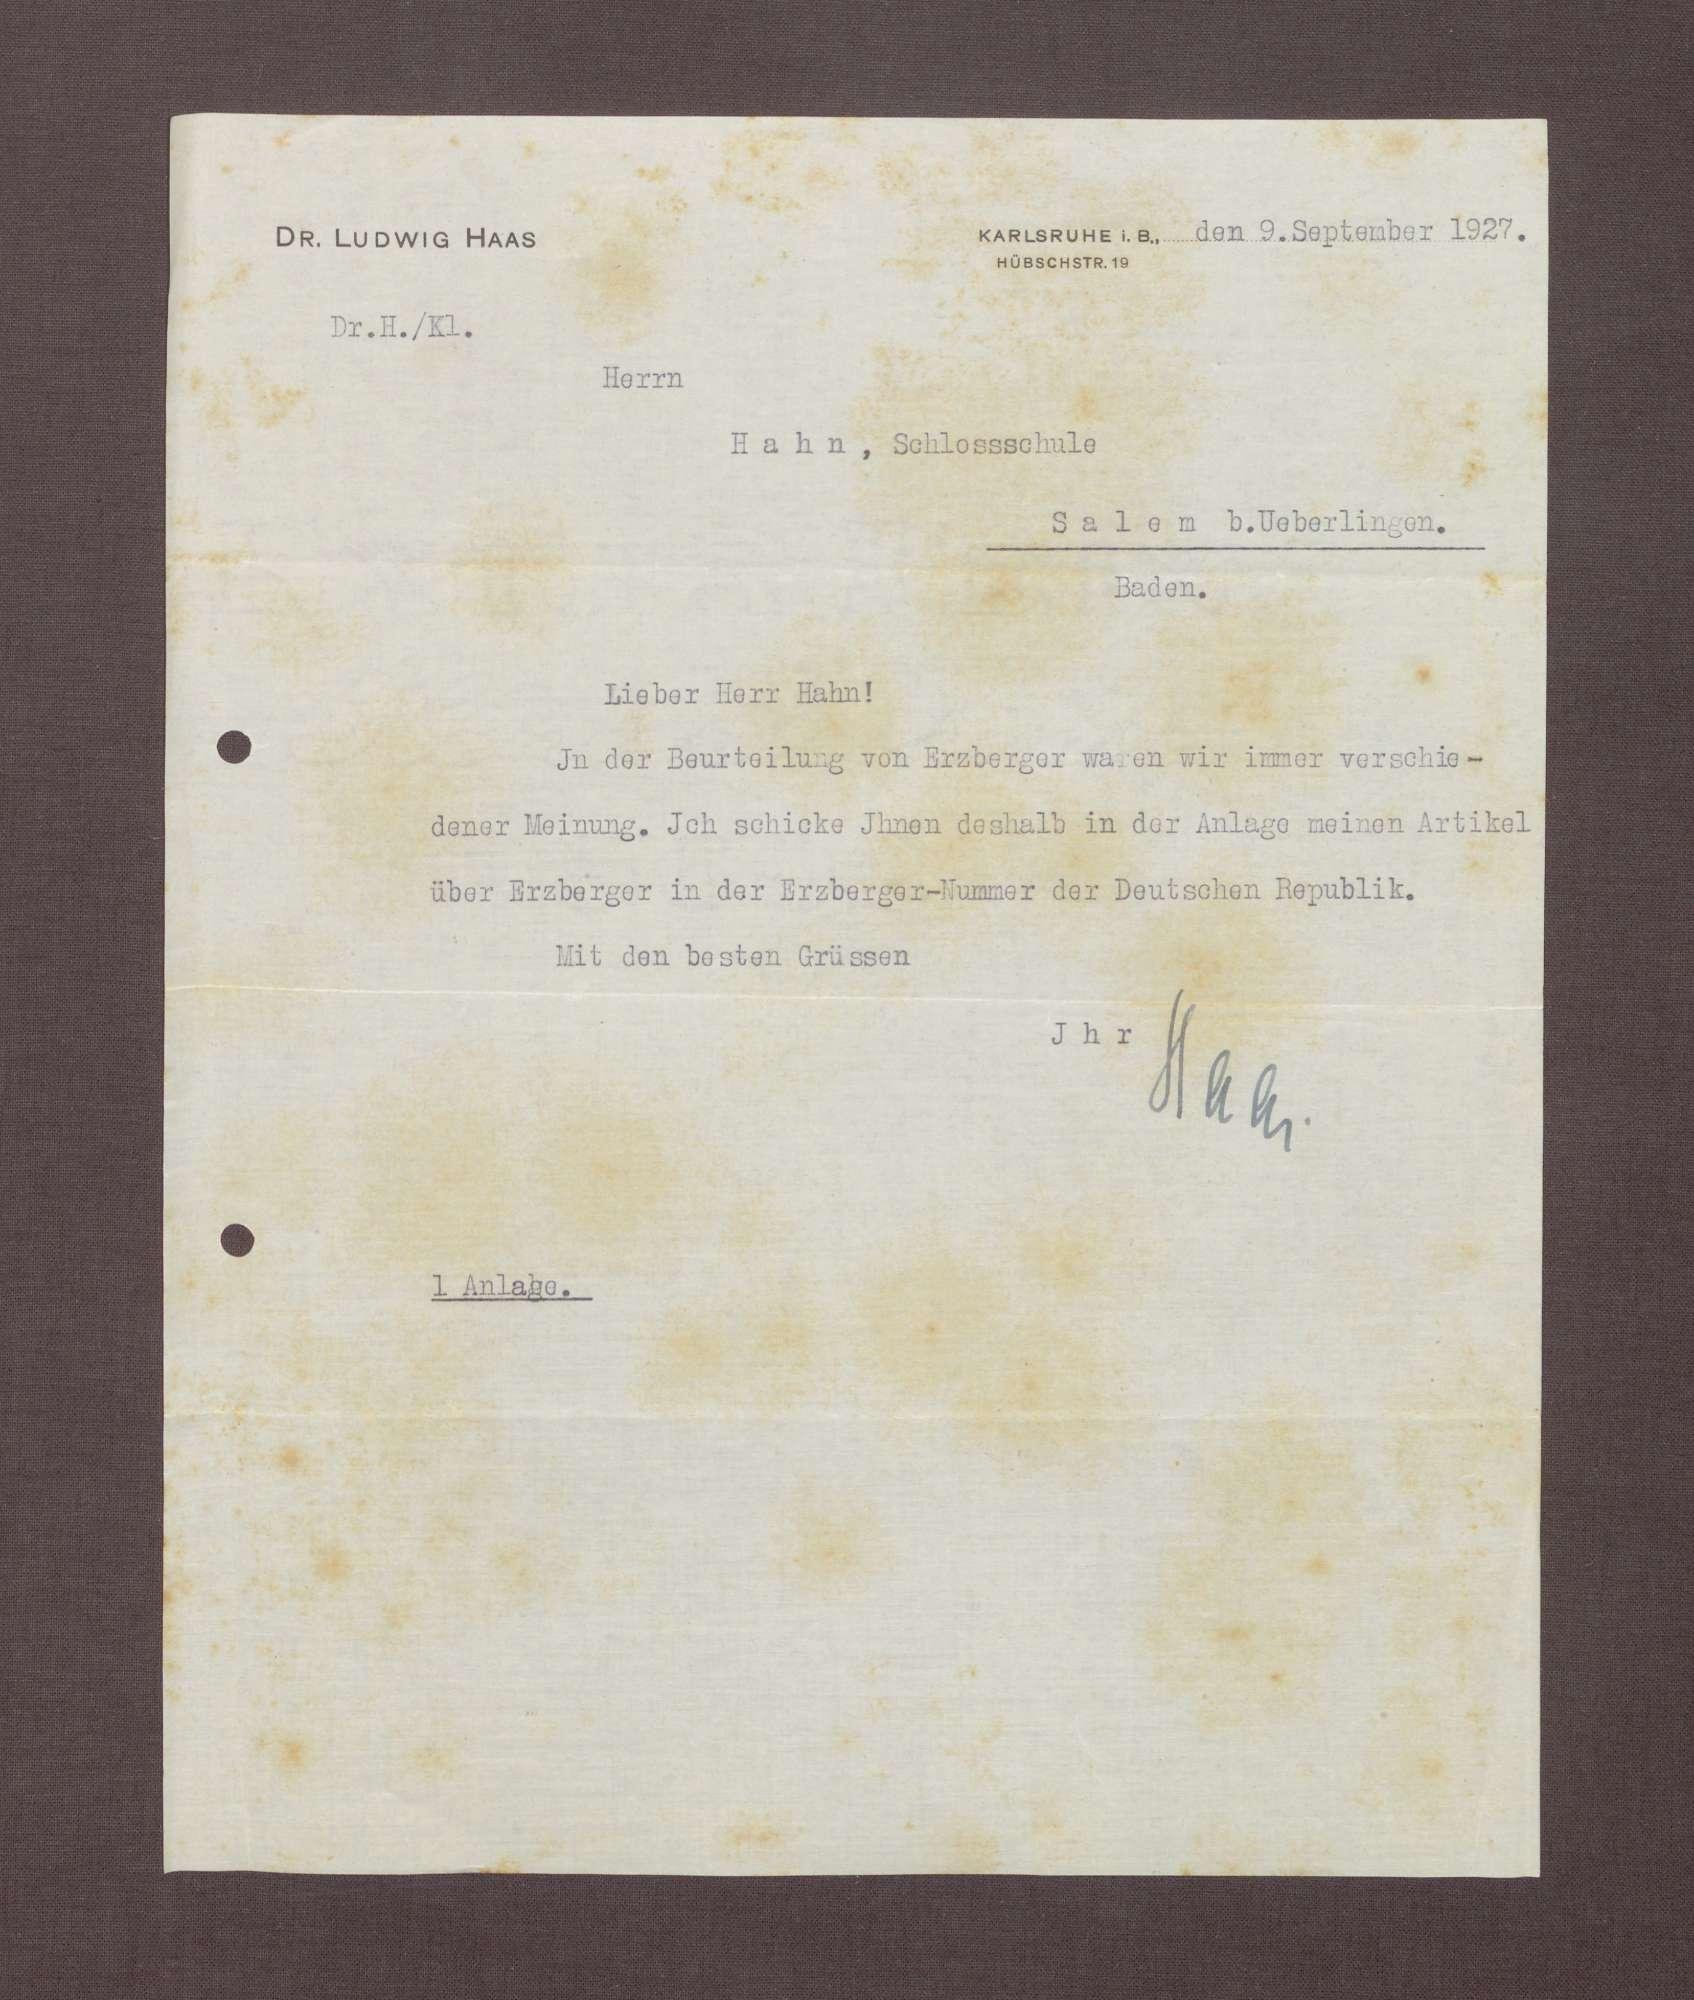 Schreiben von Ludwig Haas an Kurt Hahn über einen Artikel zur Beurteilung von Matthias Erzberger von Ludwig Haas, Bild 1